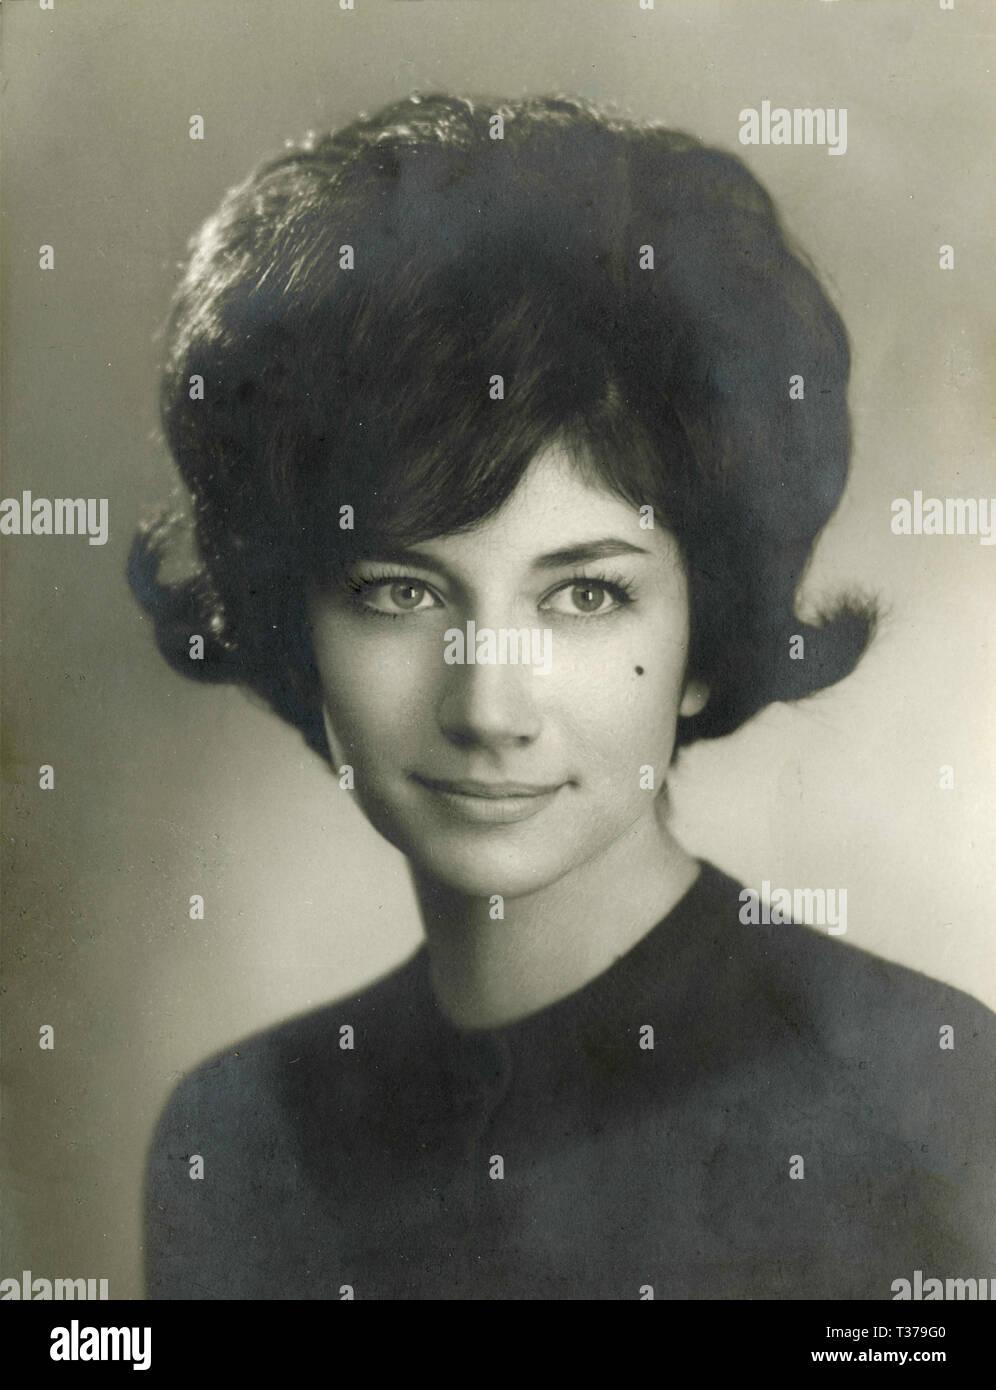 1960s Hair Photos 1960s Hair Images Alamy